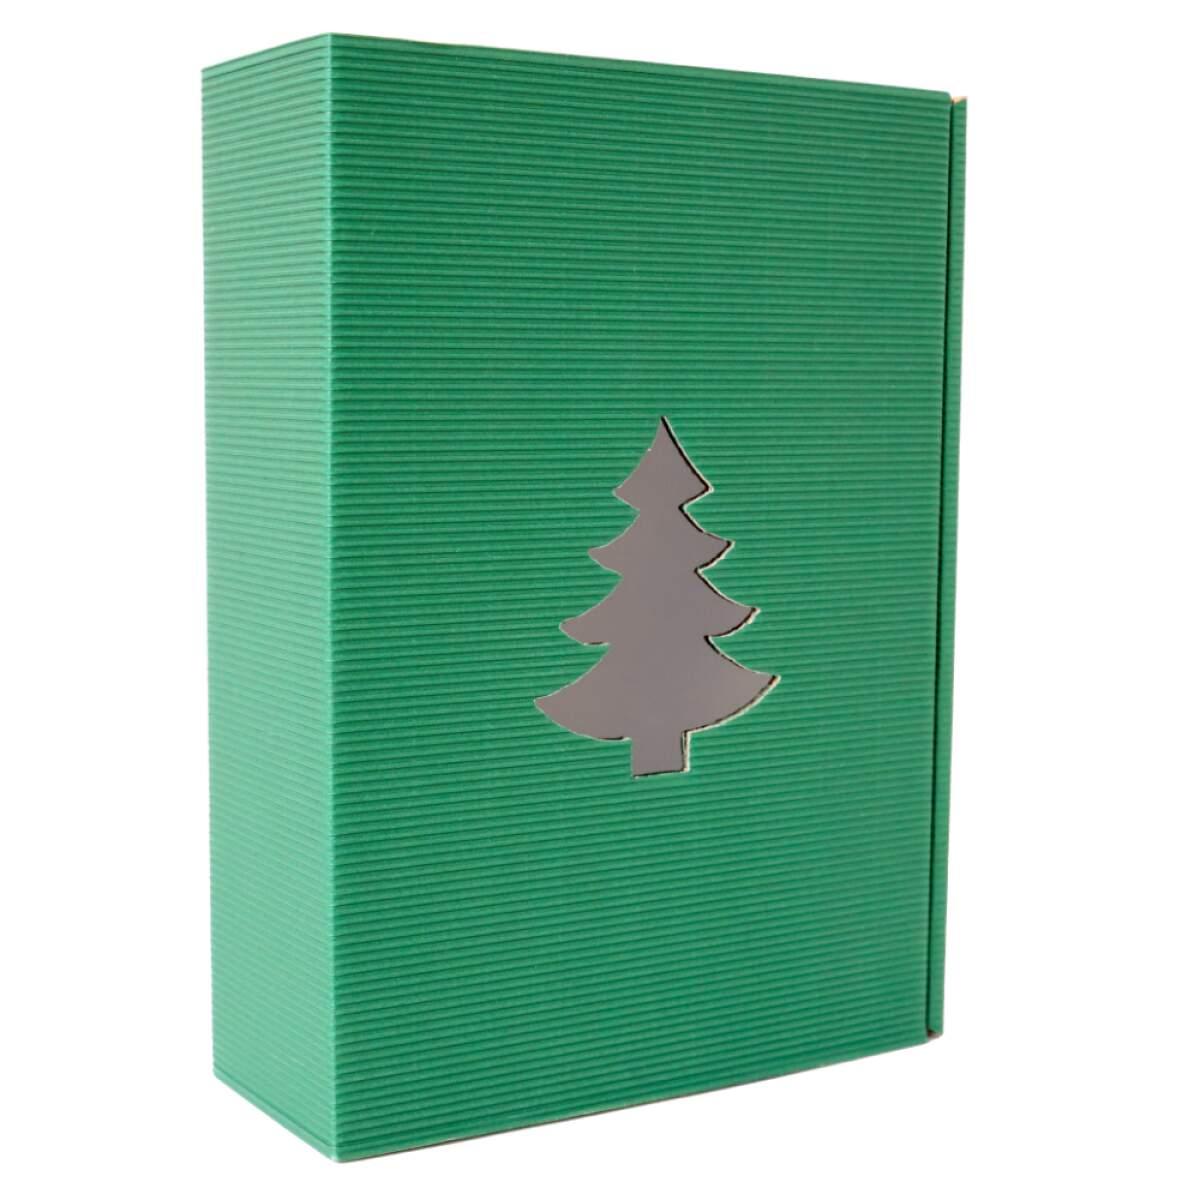 Box-Gr-L-Baum-tannengr-n_2106_1000px